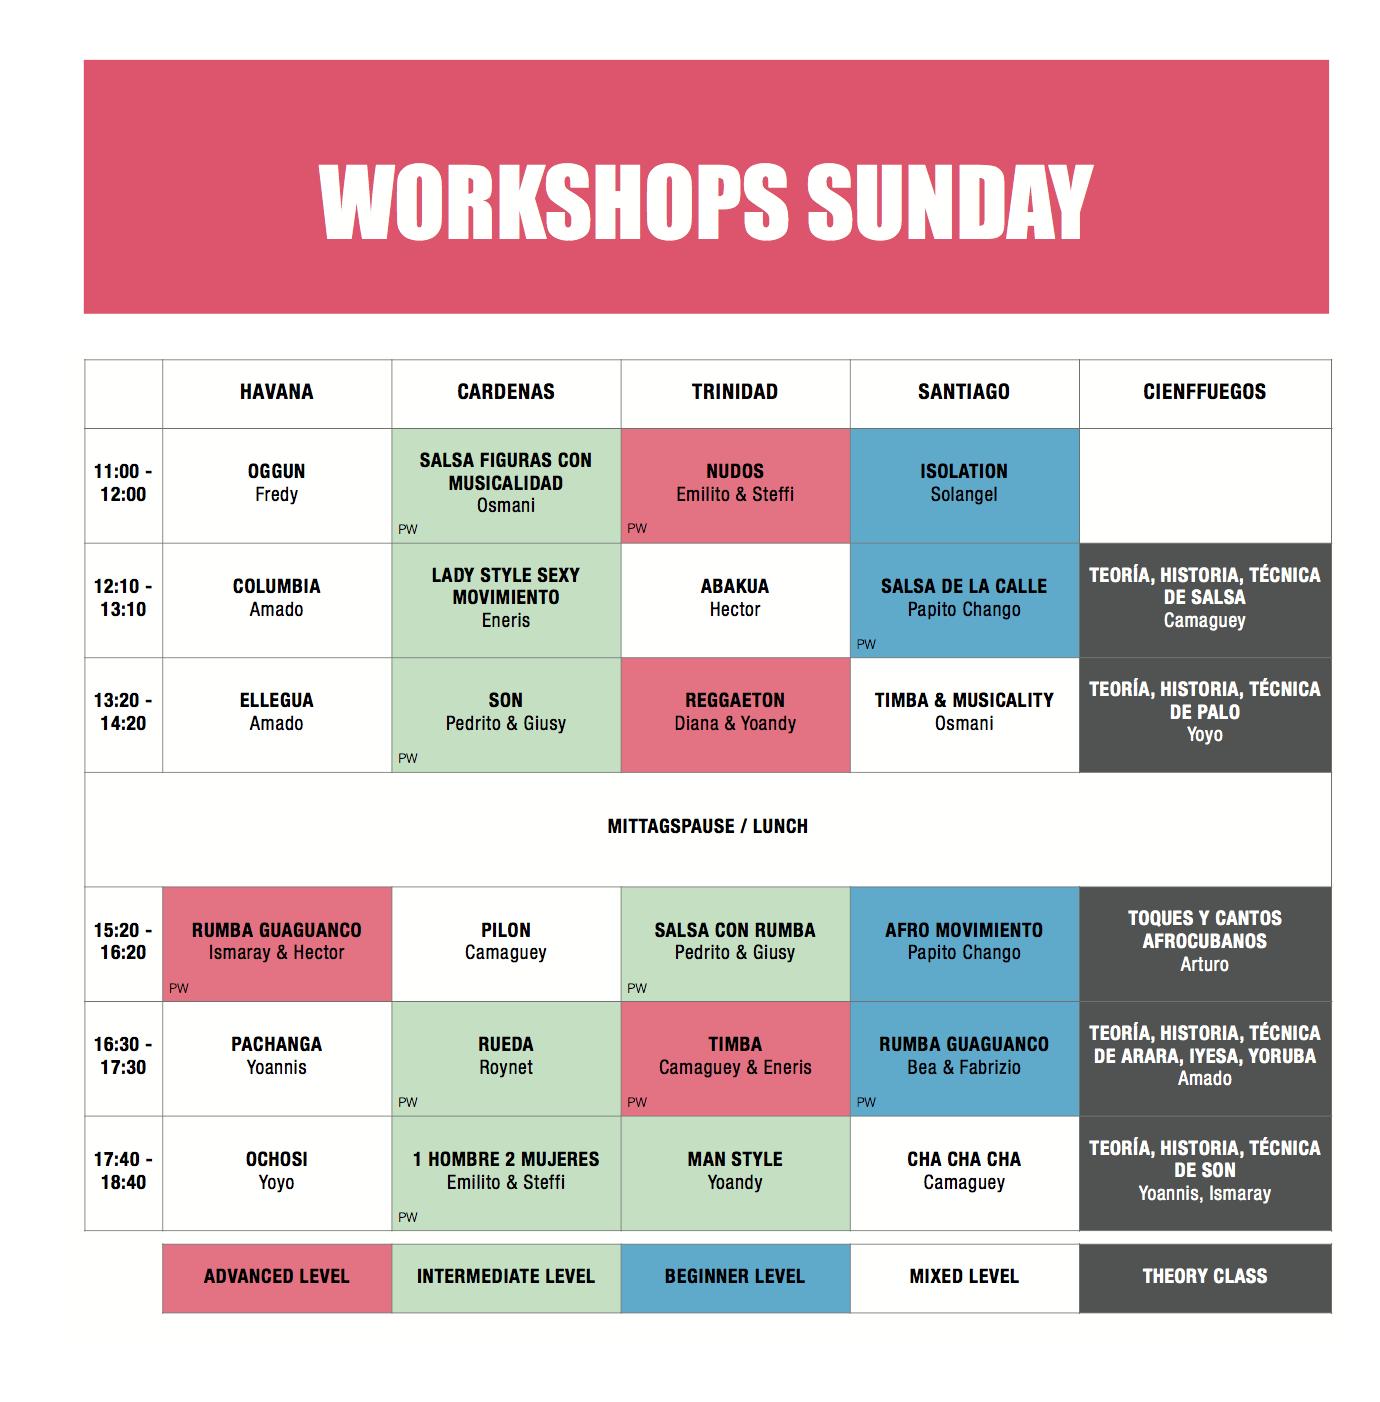 Workshops Sunday